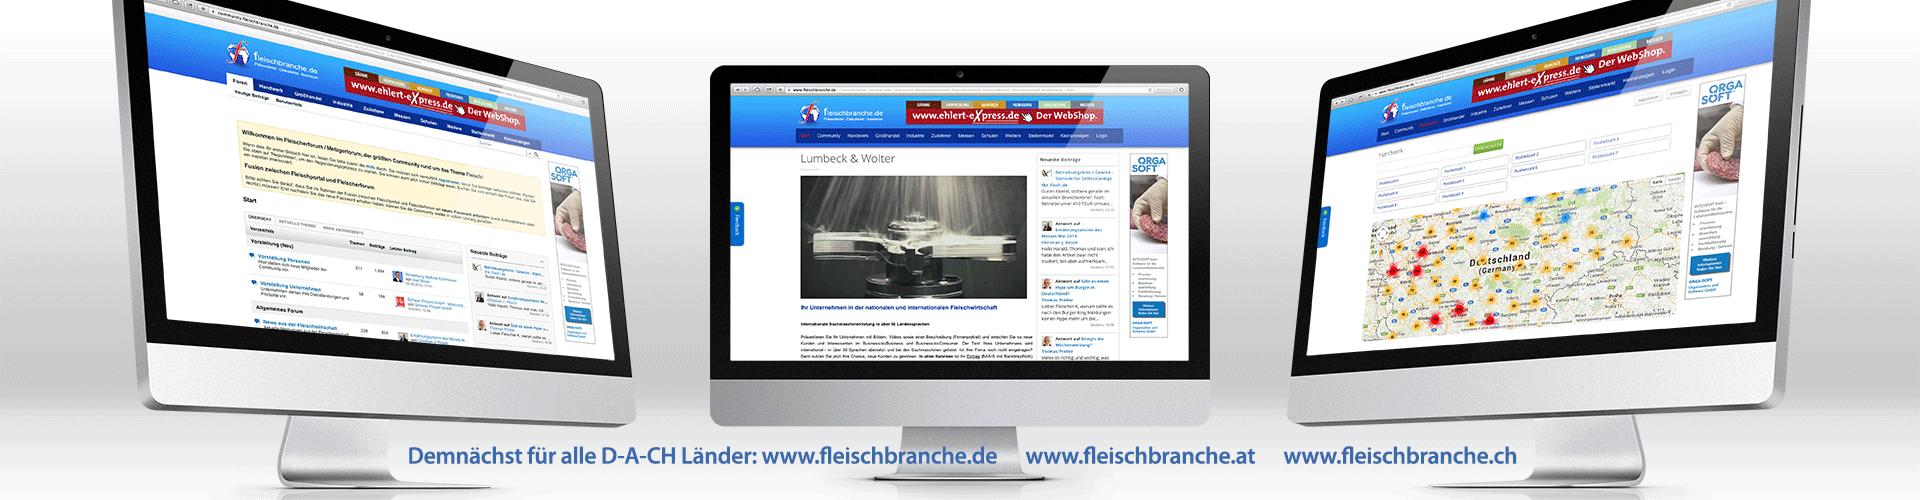 AppFleischbranche_sreen2